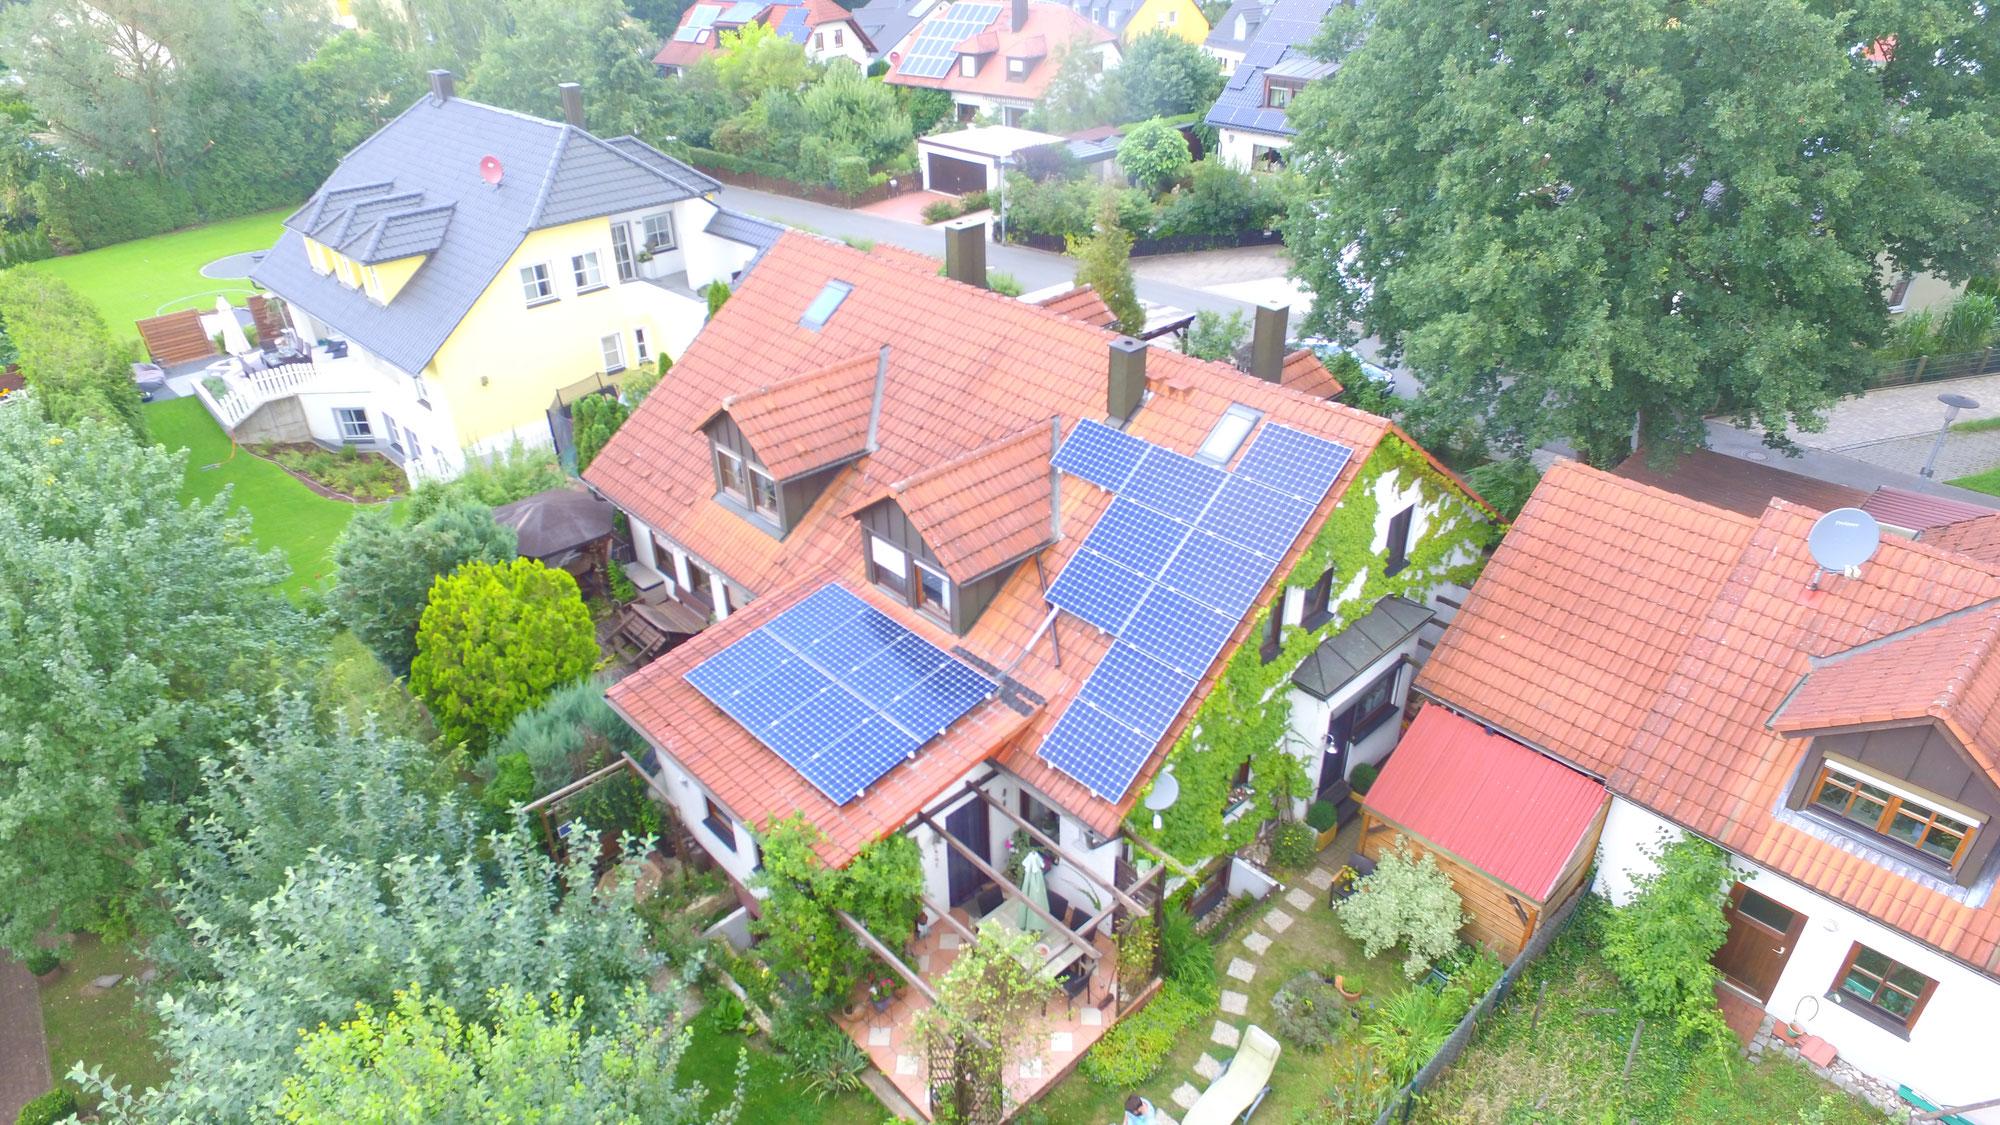 SOLAR-Photovoltaik in Lauf Schnaittach Simmelsdorf Hüttenbach und Neunkirchen am Sand